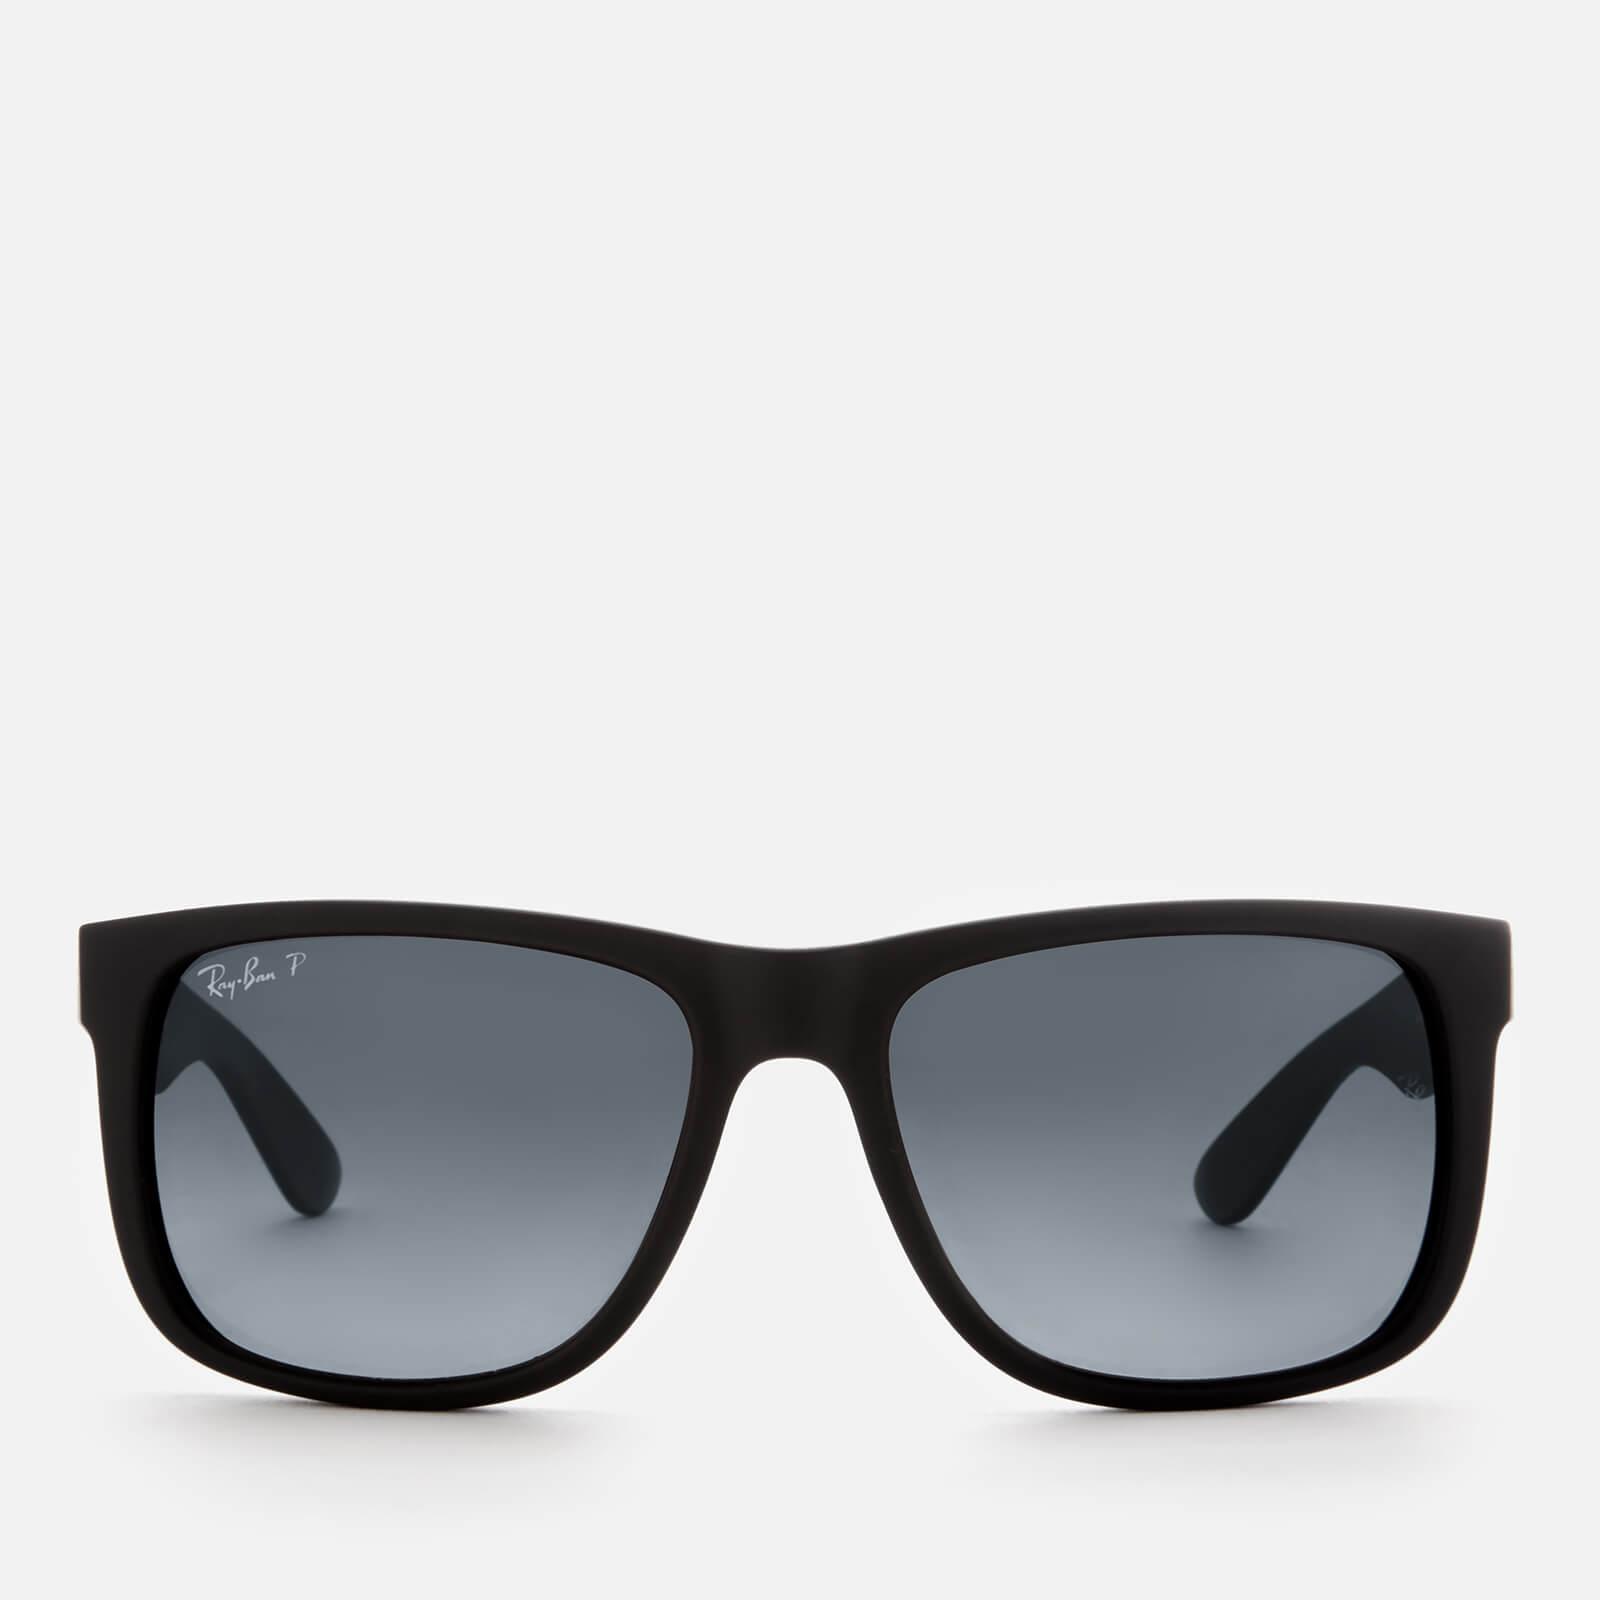 5701e2432f Ray-Ban Men s Justin Square Frame Sunglasses - Black Rubber Mens  Accessories